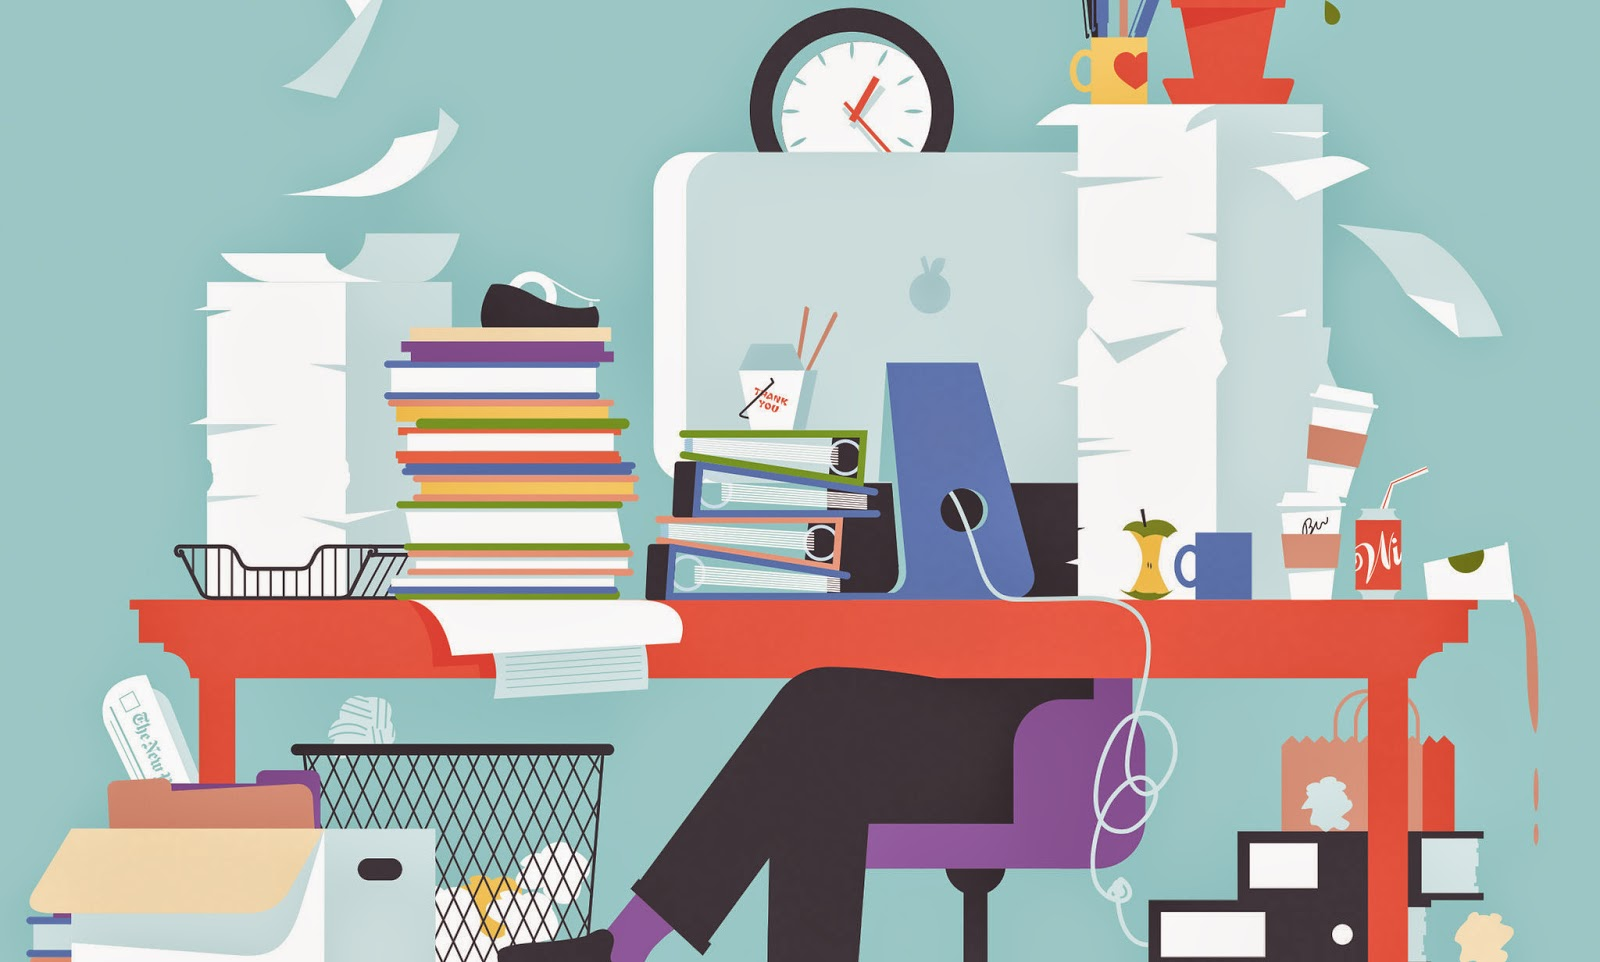 Procrastinar: ¿Es tan malo dejar para mañana lo que puedes hacer hoy?